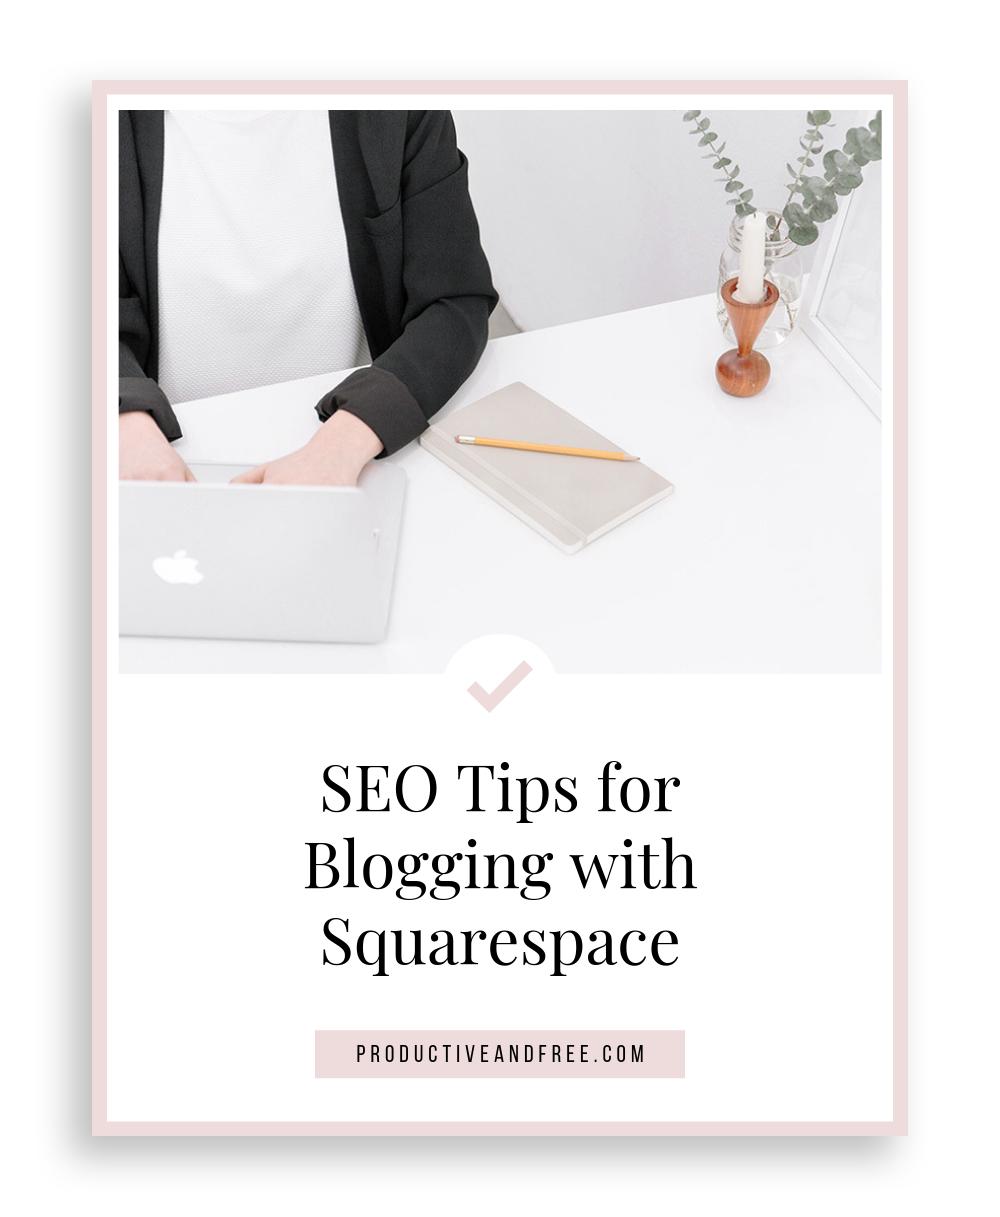 Squarespace Blog SEO Tips Checklist | ProductiveandFree.com